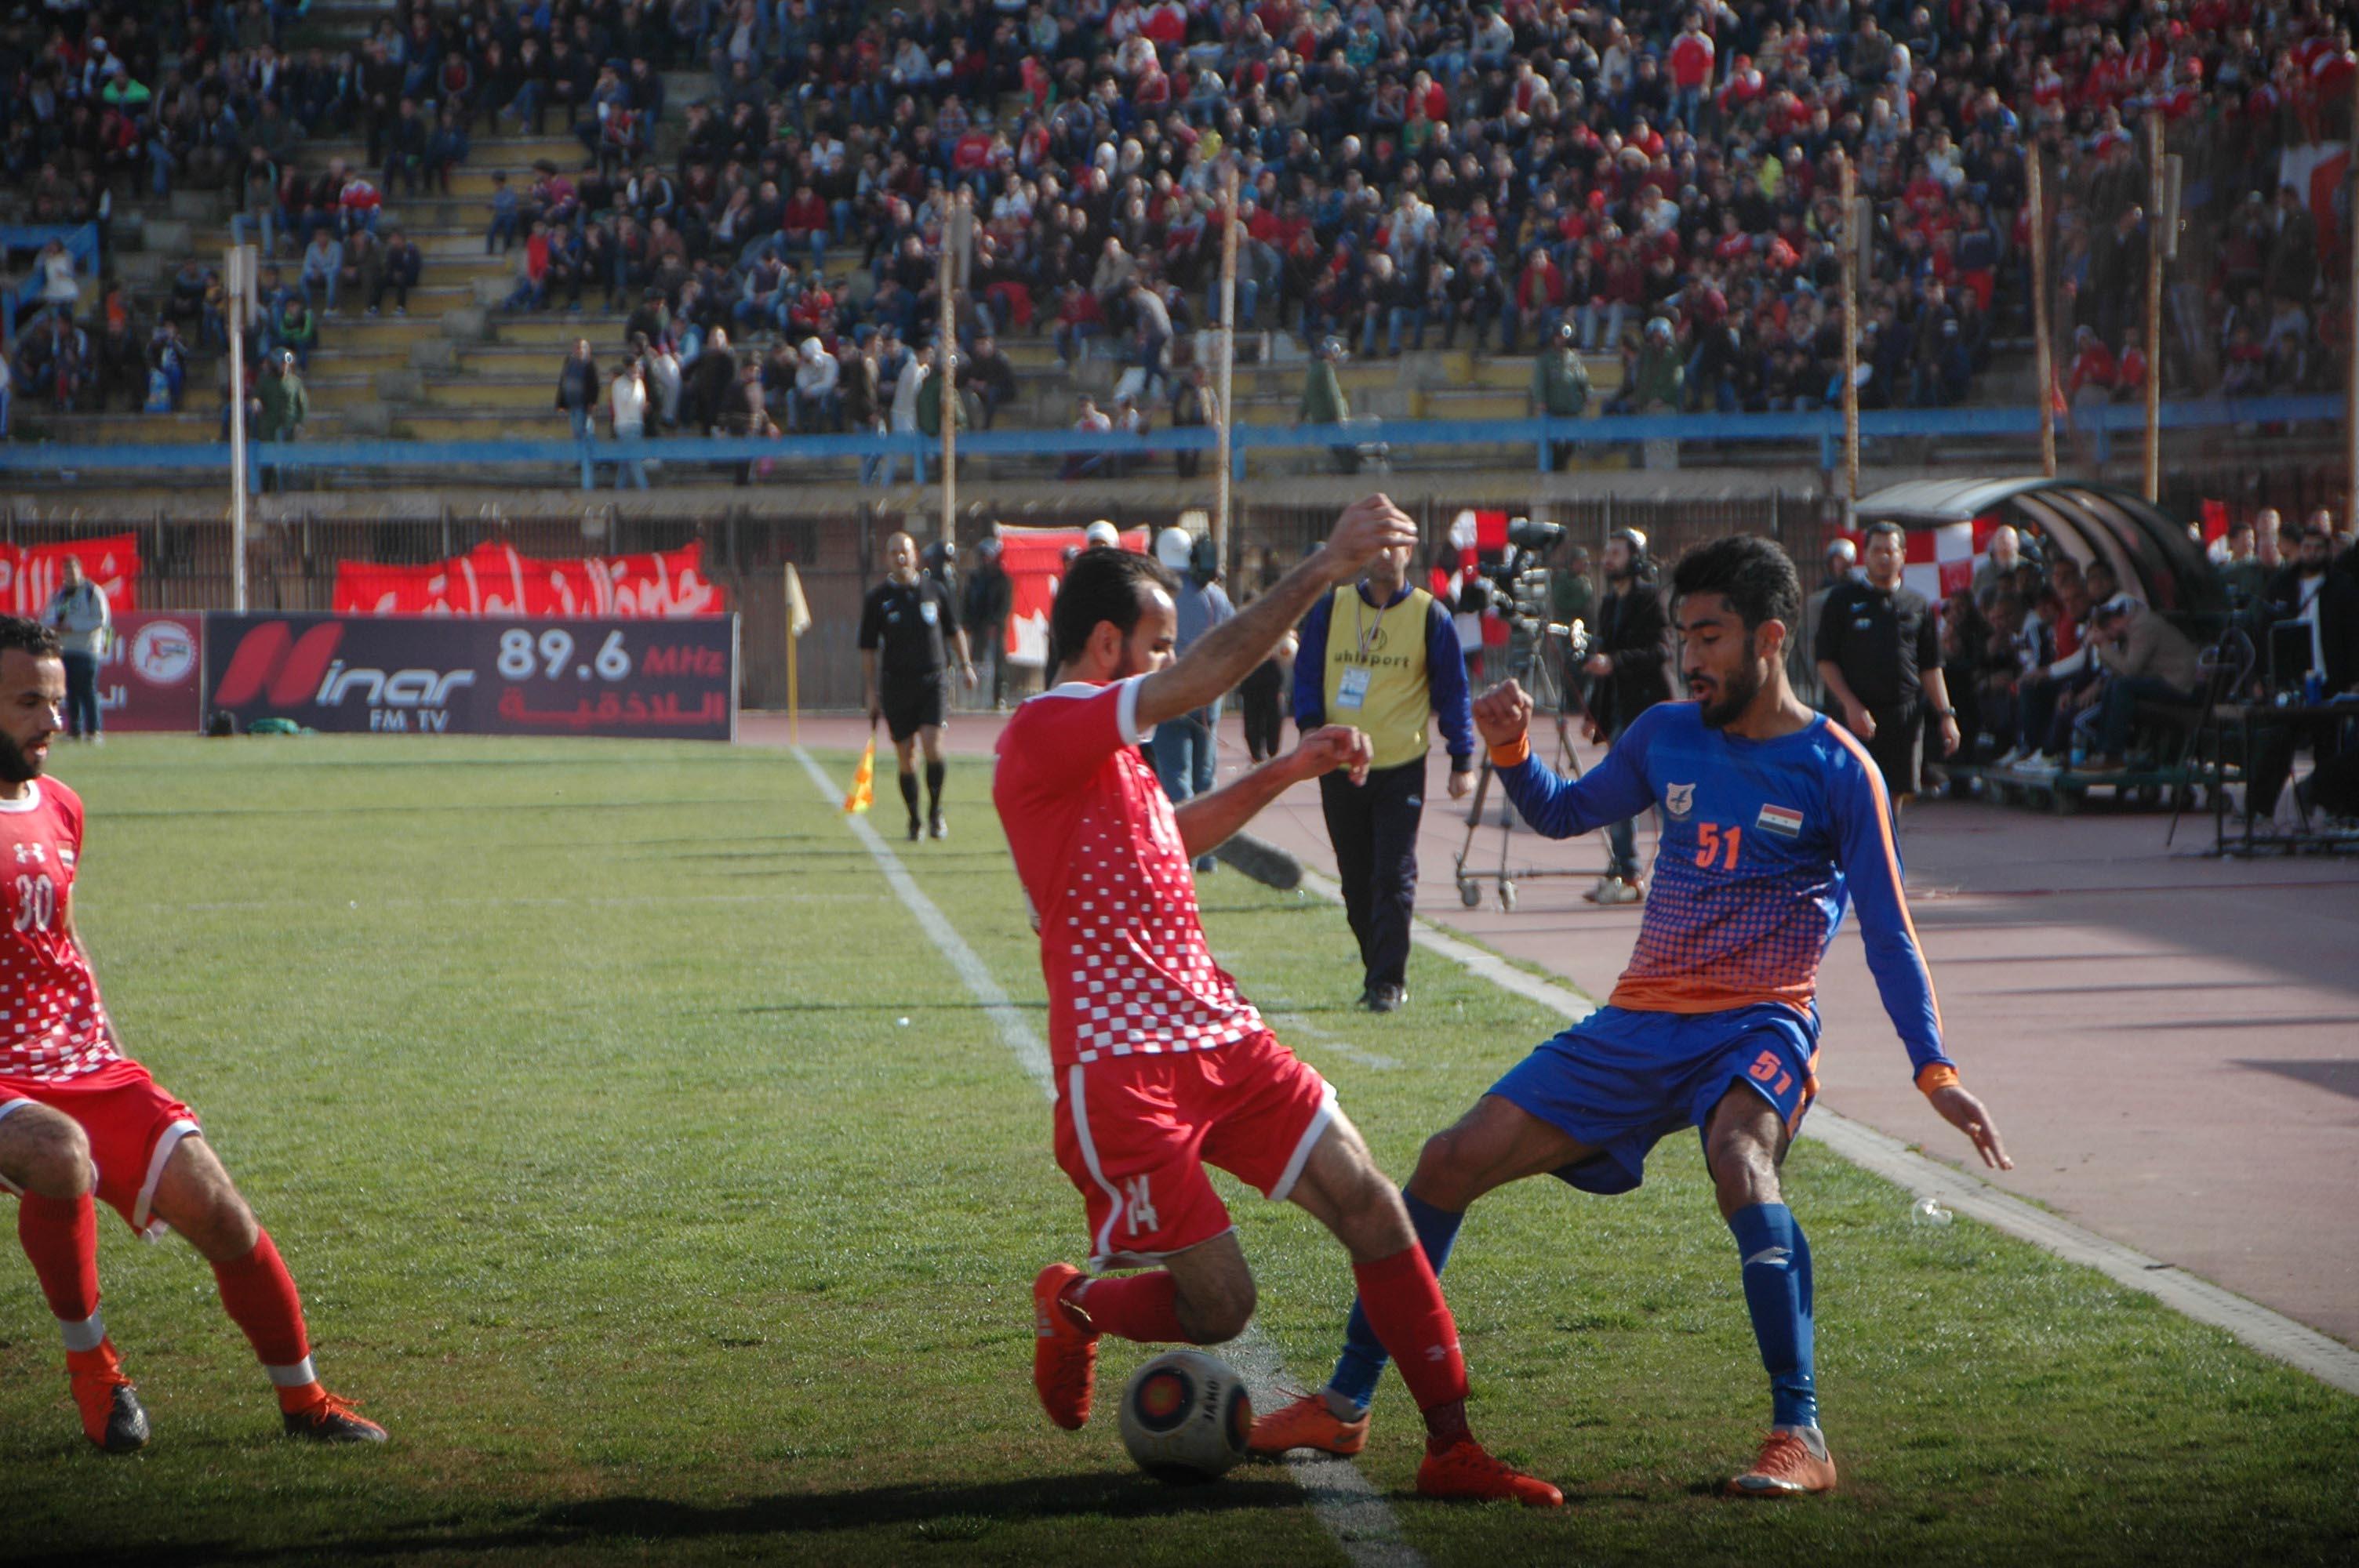 في الدوري الممتاز: الوثبة يحسم (ديربي) حمص وتشرين يؤكد صحوته بفوز ثمين على المحافظة